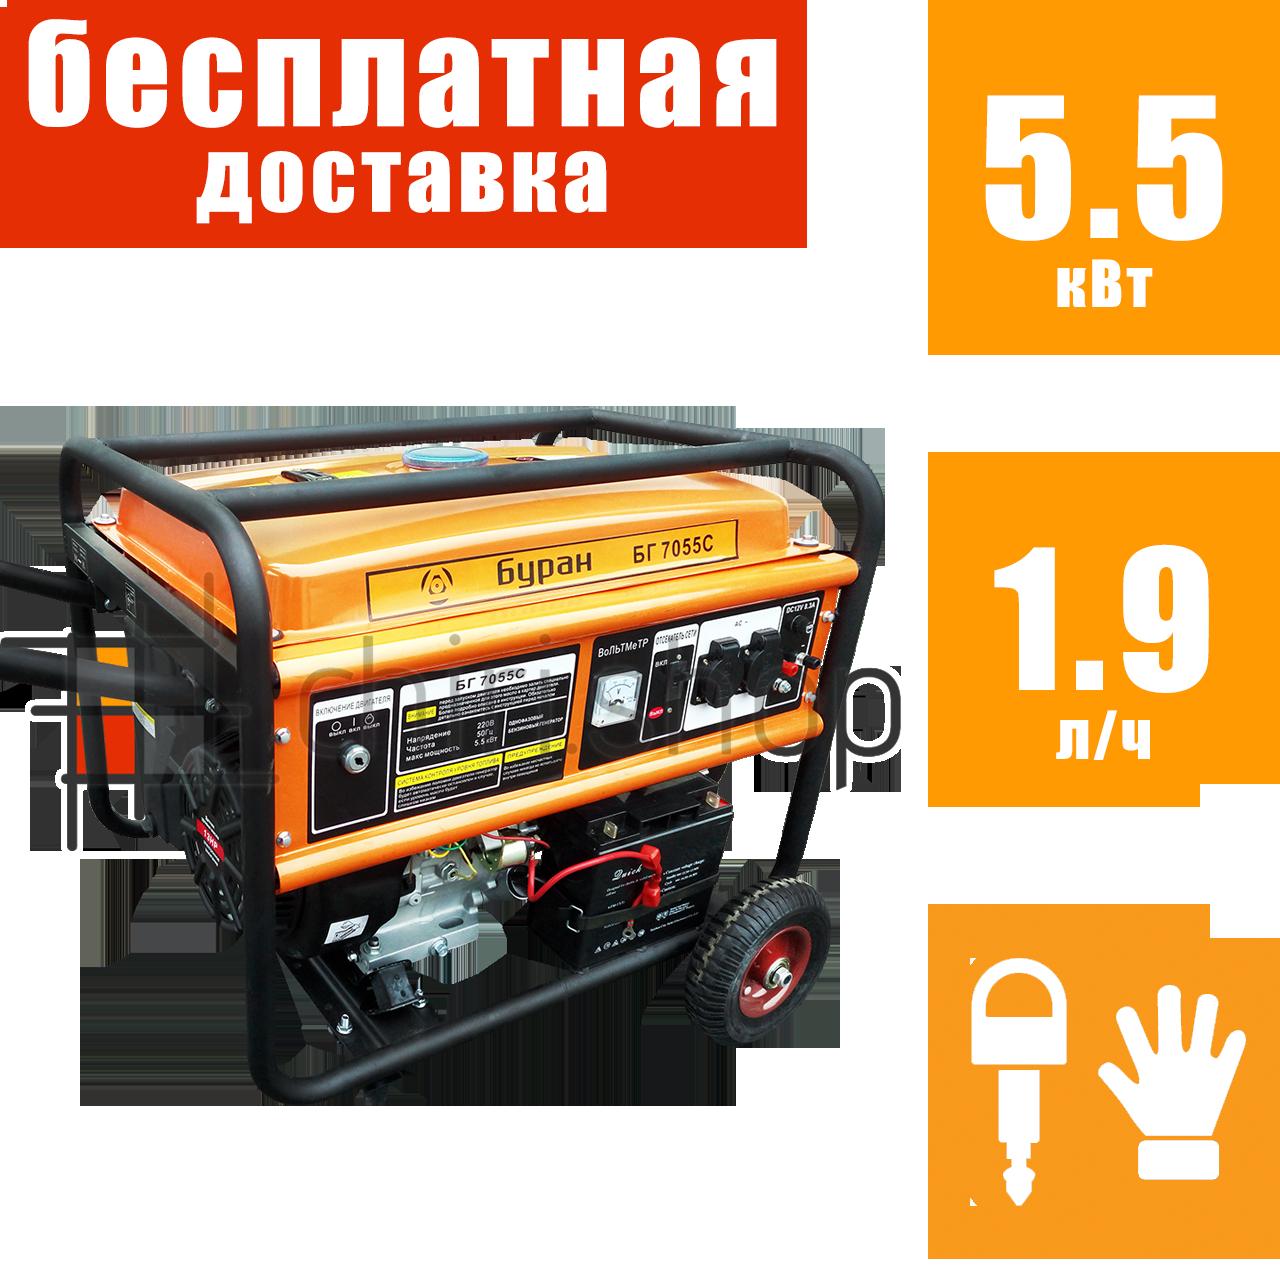 Бензиновый генератор 5.5 кВт 220 В, Буран БГ 7055С, электрогенератор, бензогенератор, миниэлектростанция